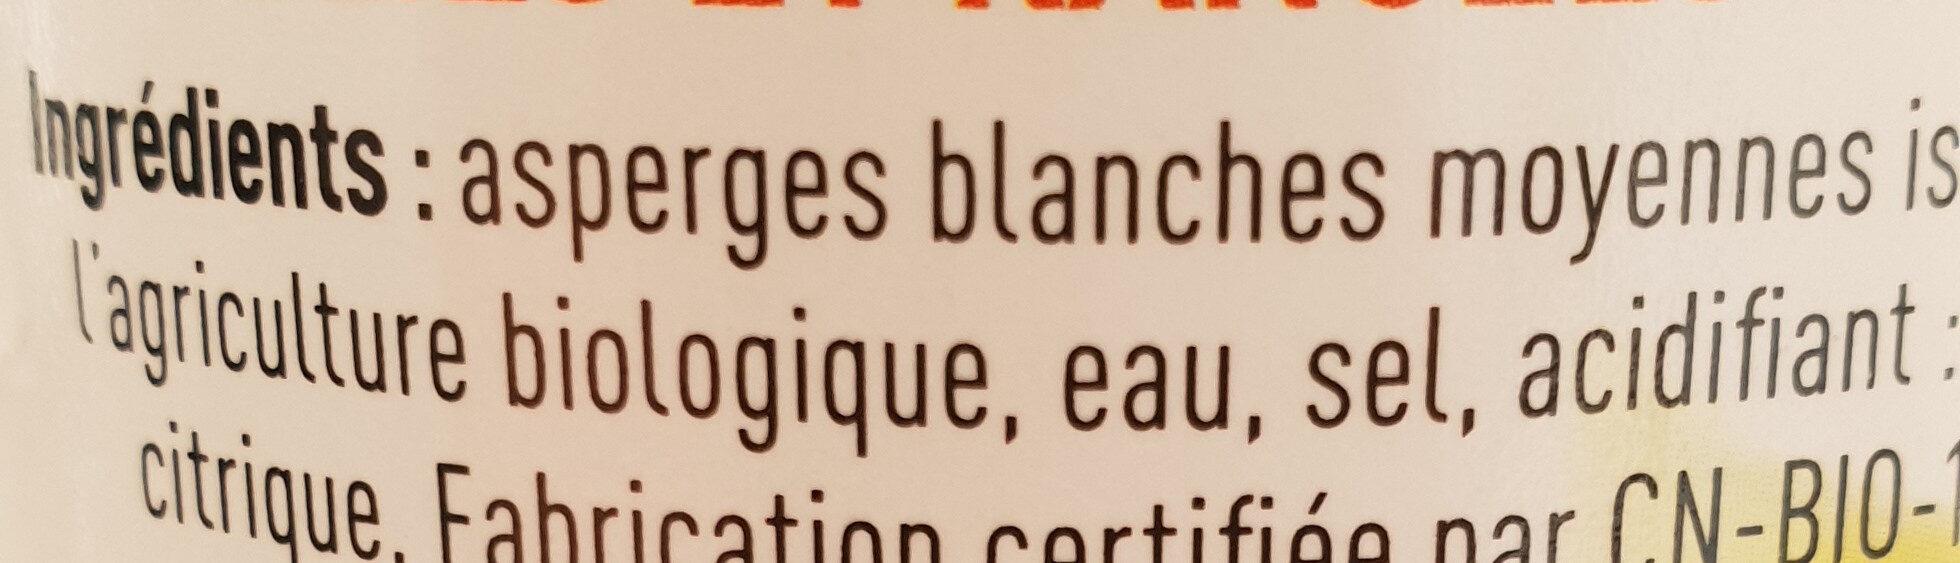 Asperges bio blanches moyennes Rochefontaine - Ingrediënten